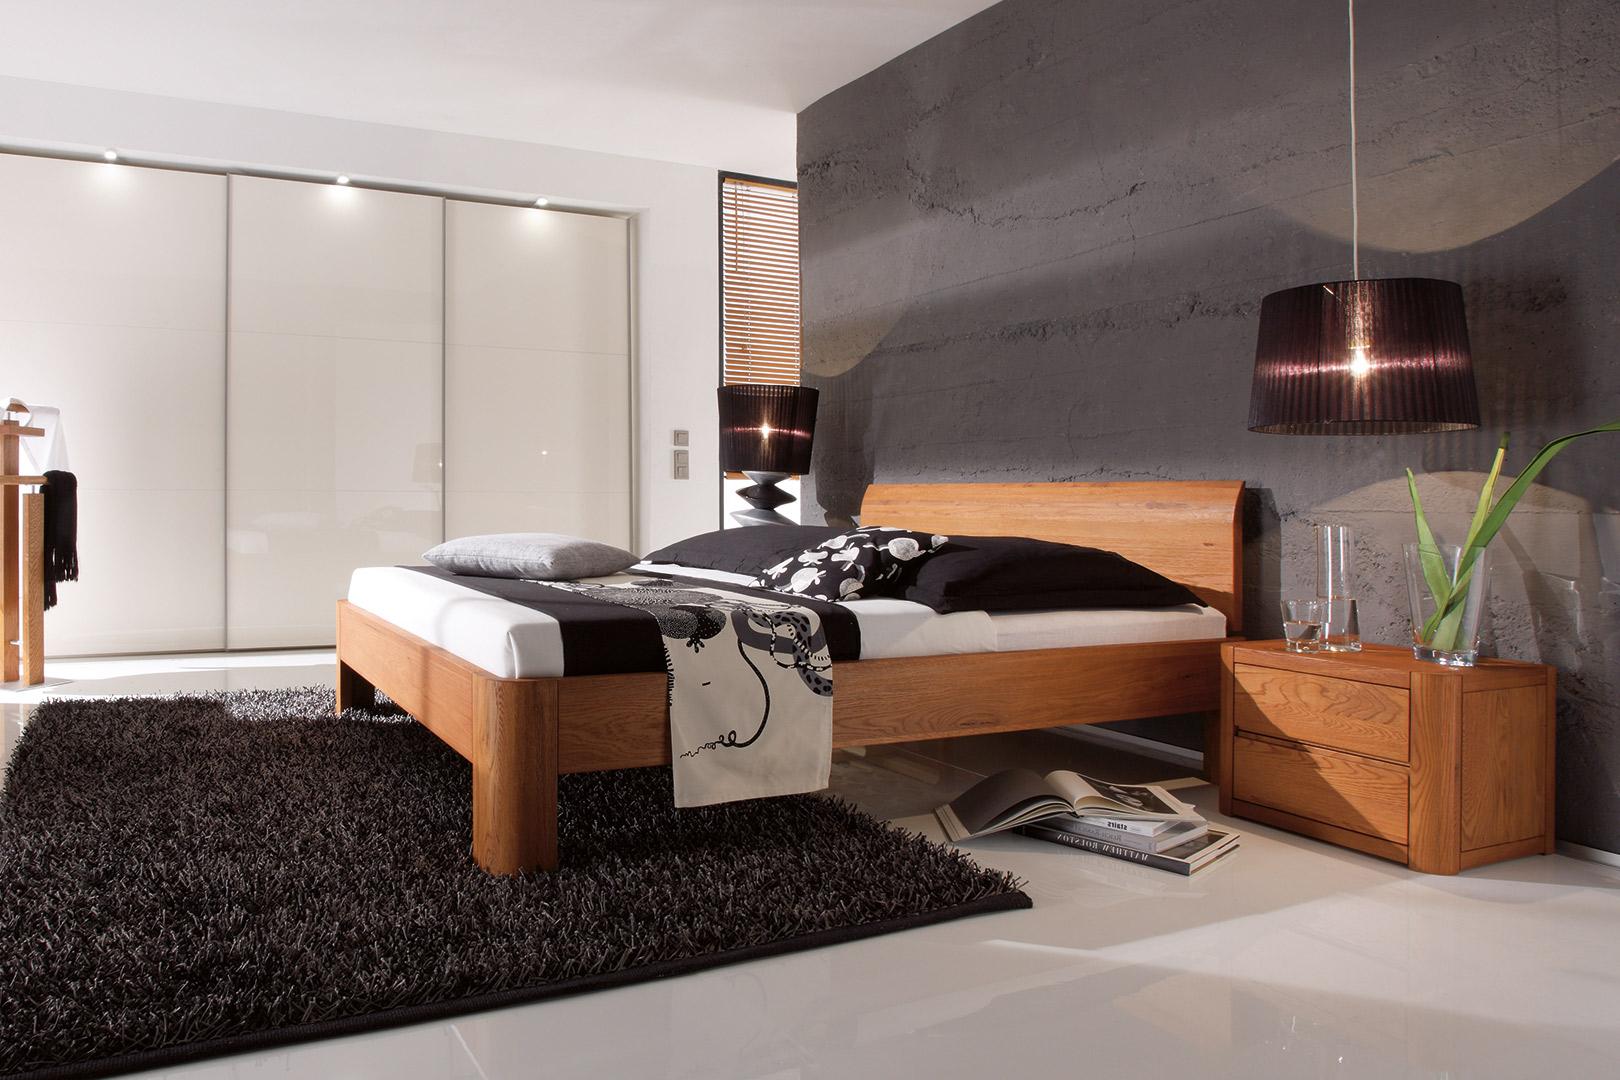 Massivholzbett mit Nachttisch individuell konfigurieren bei sitec-schlafsysteme in Büren